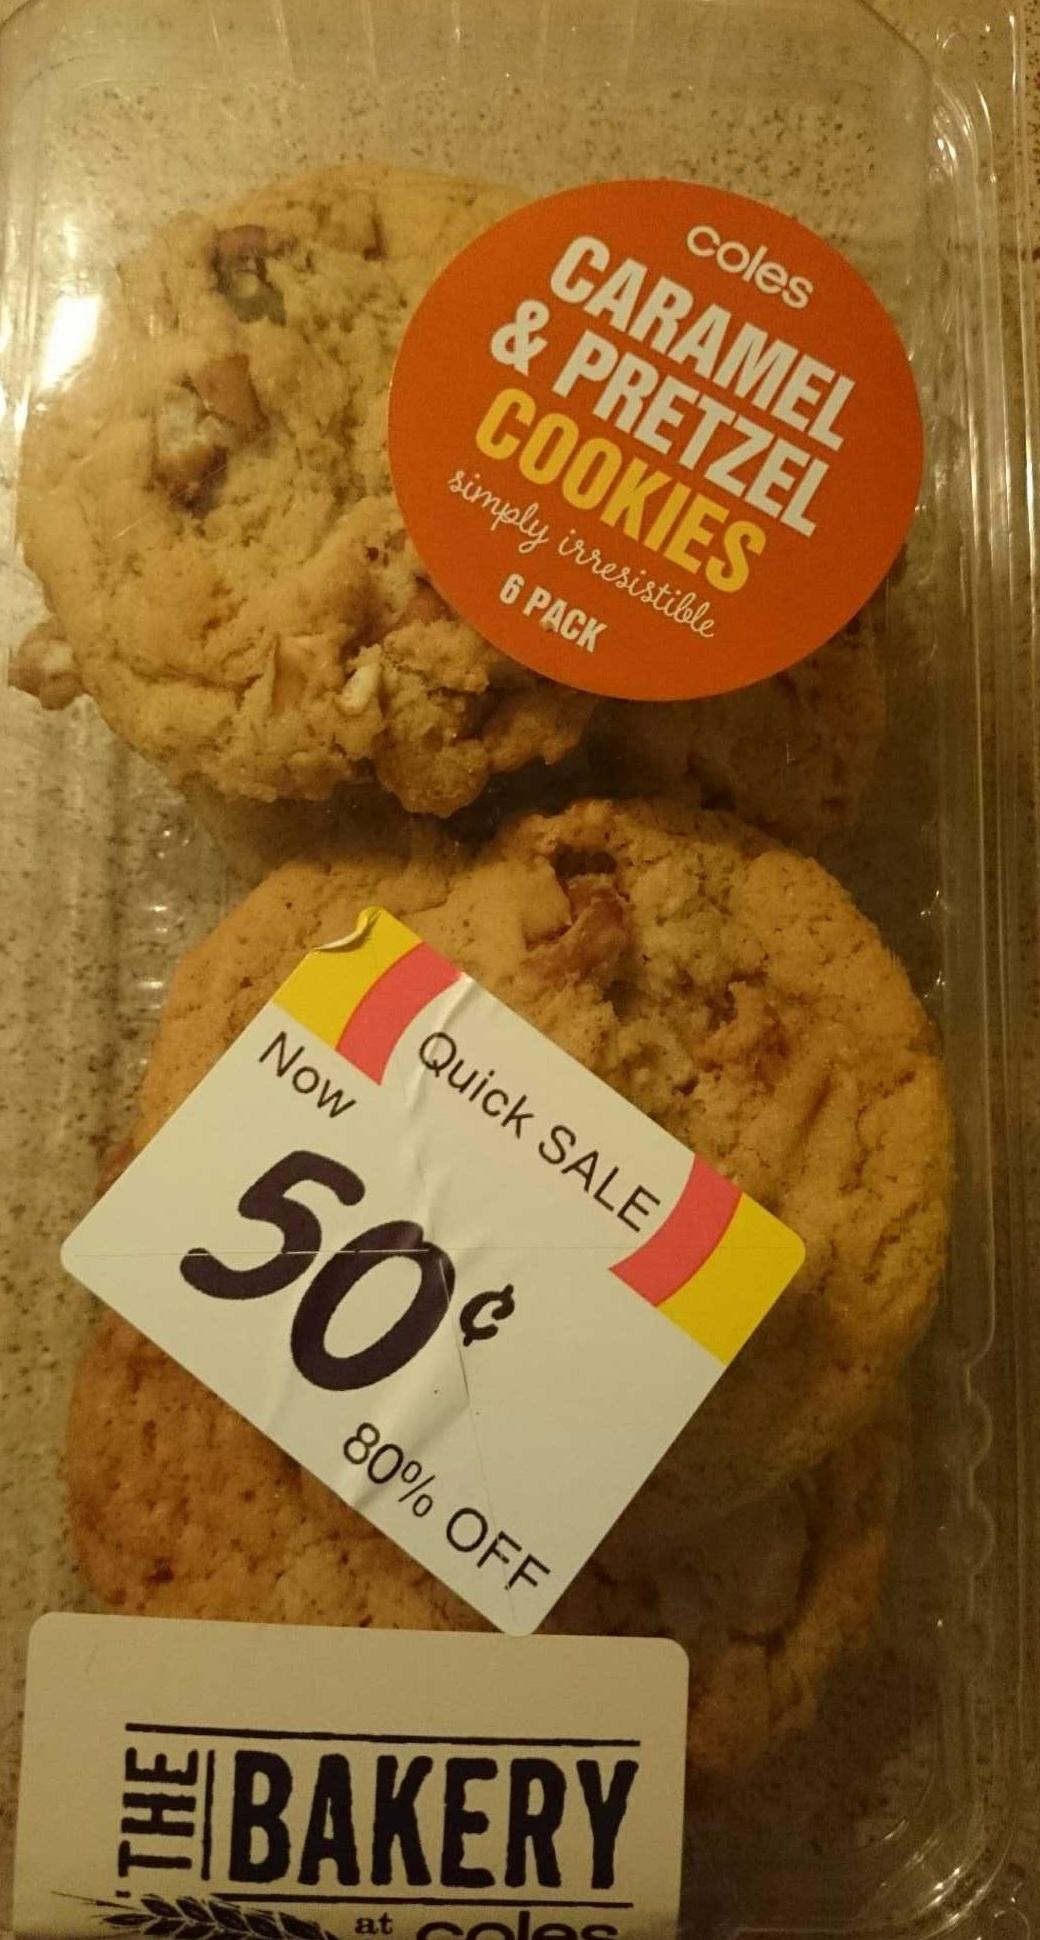 Caramel Pretzel Cookies Coles 6 Pack